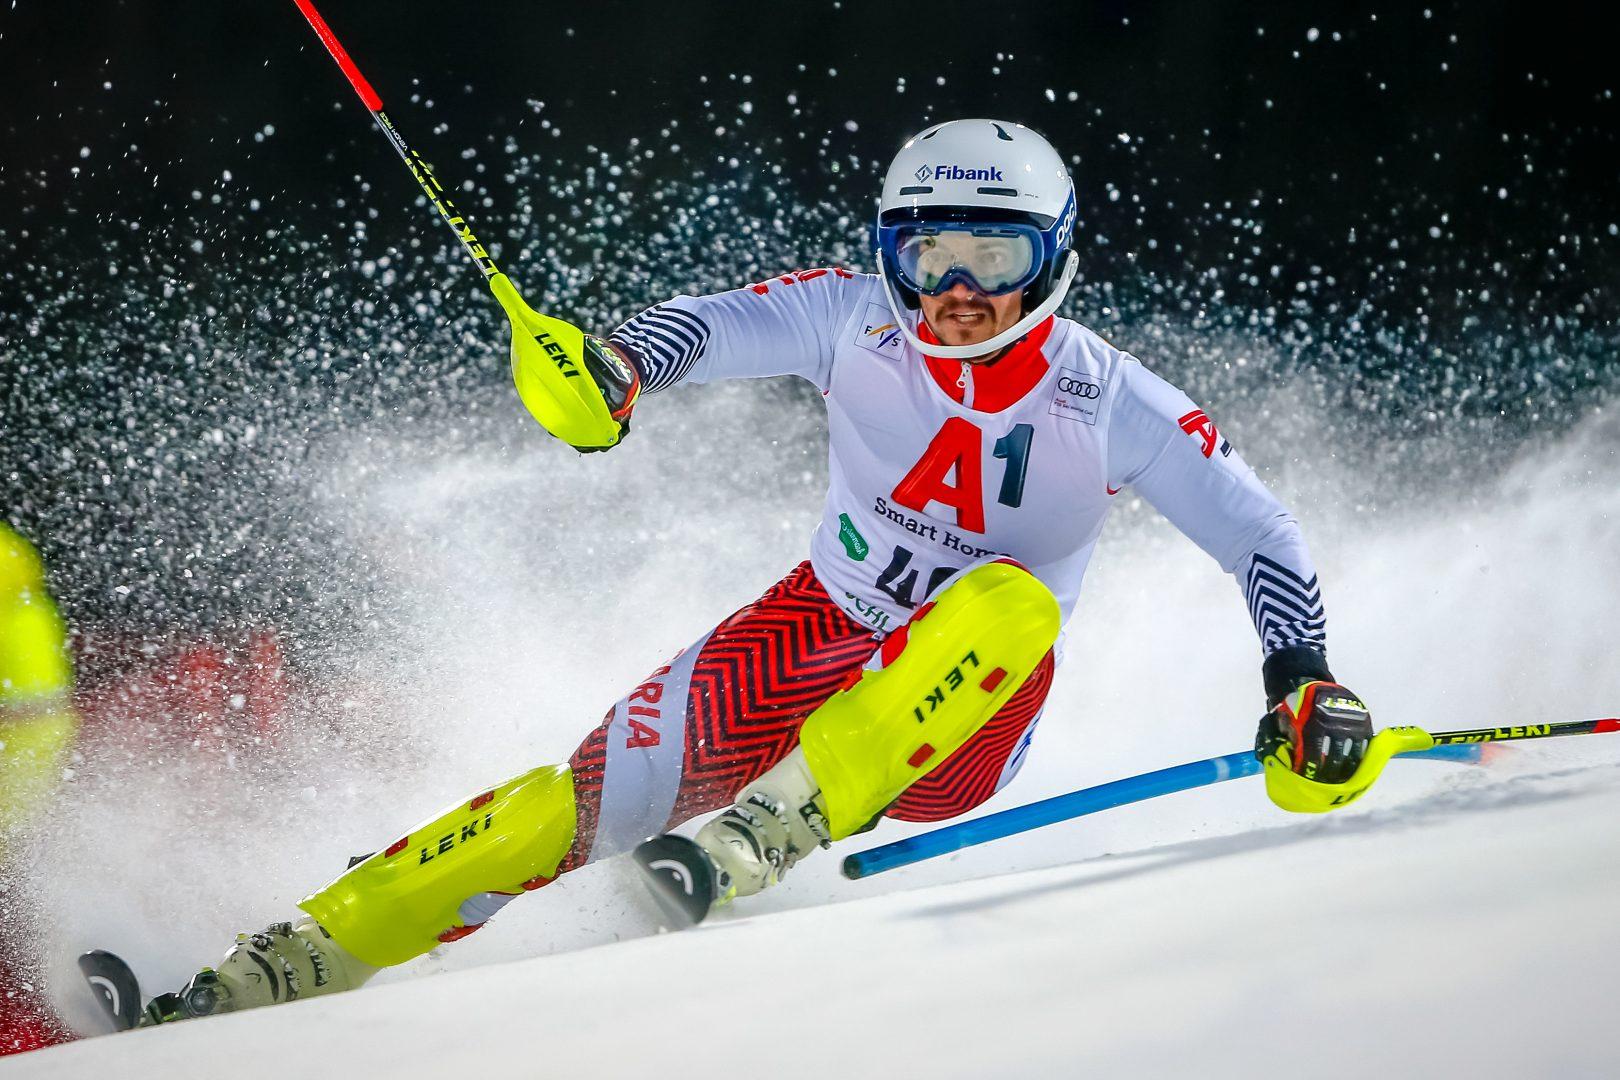 """Броени дни преди стартовете от Световната купа по ски в Банскоимаме удоволствието да разговаряме с най-добрия български скиор Алберт Попов. Какво очаква от състезанието на """"наш терен"""" и какви са целите му, вижте какво сподели младия талант специално за блога на А1."""